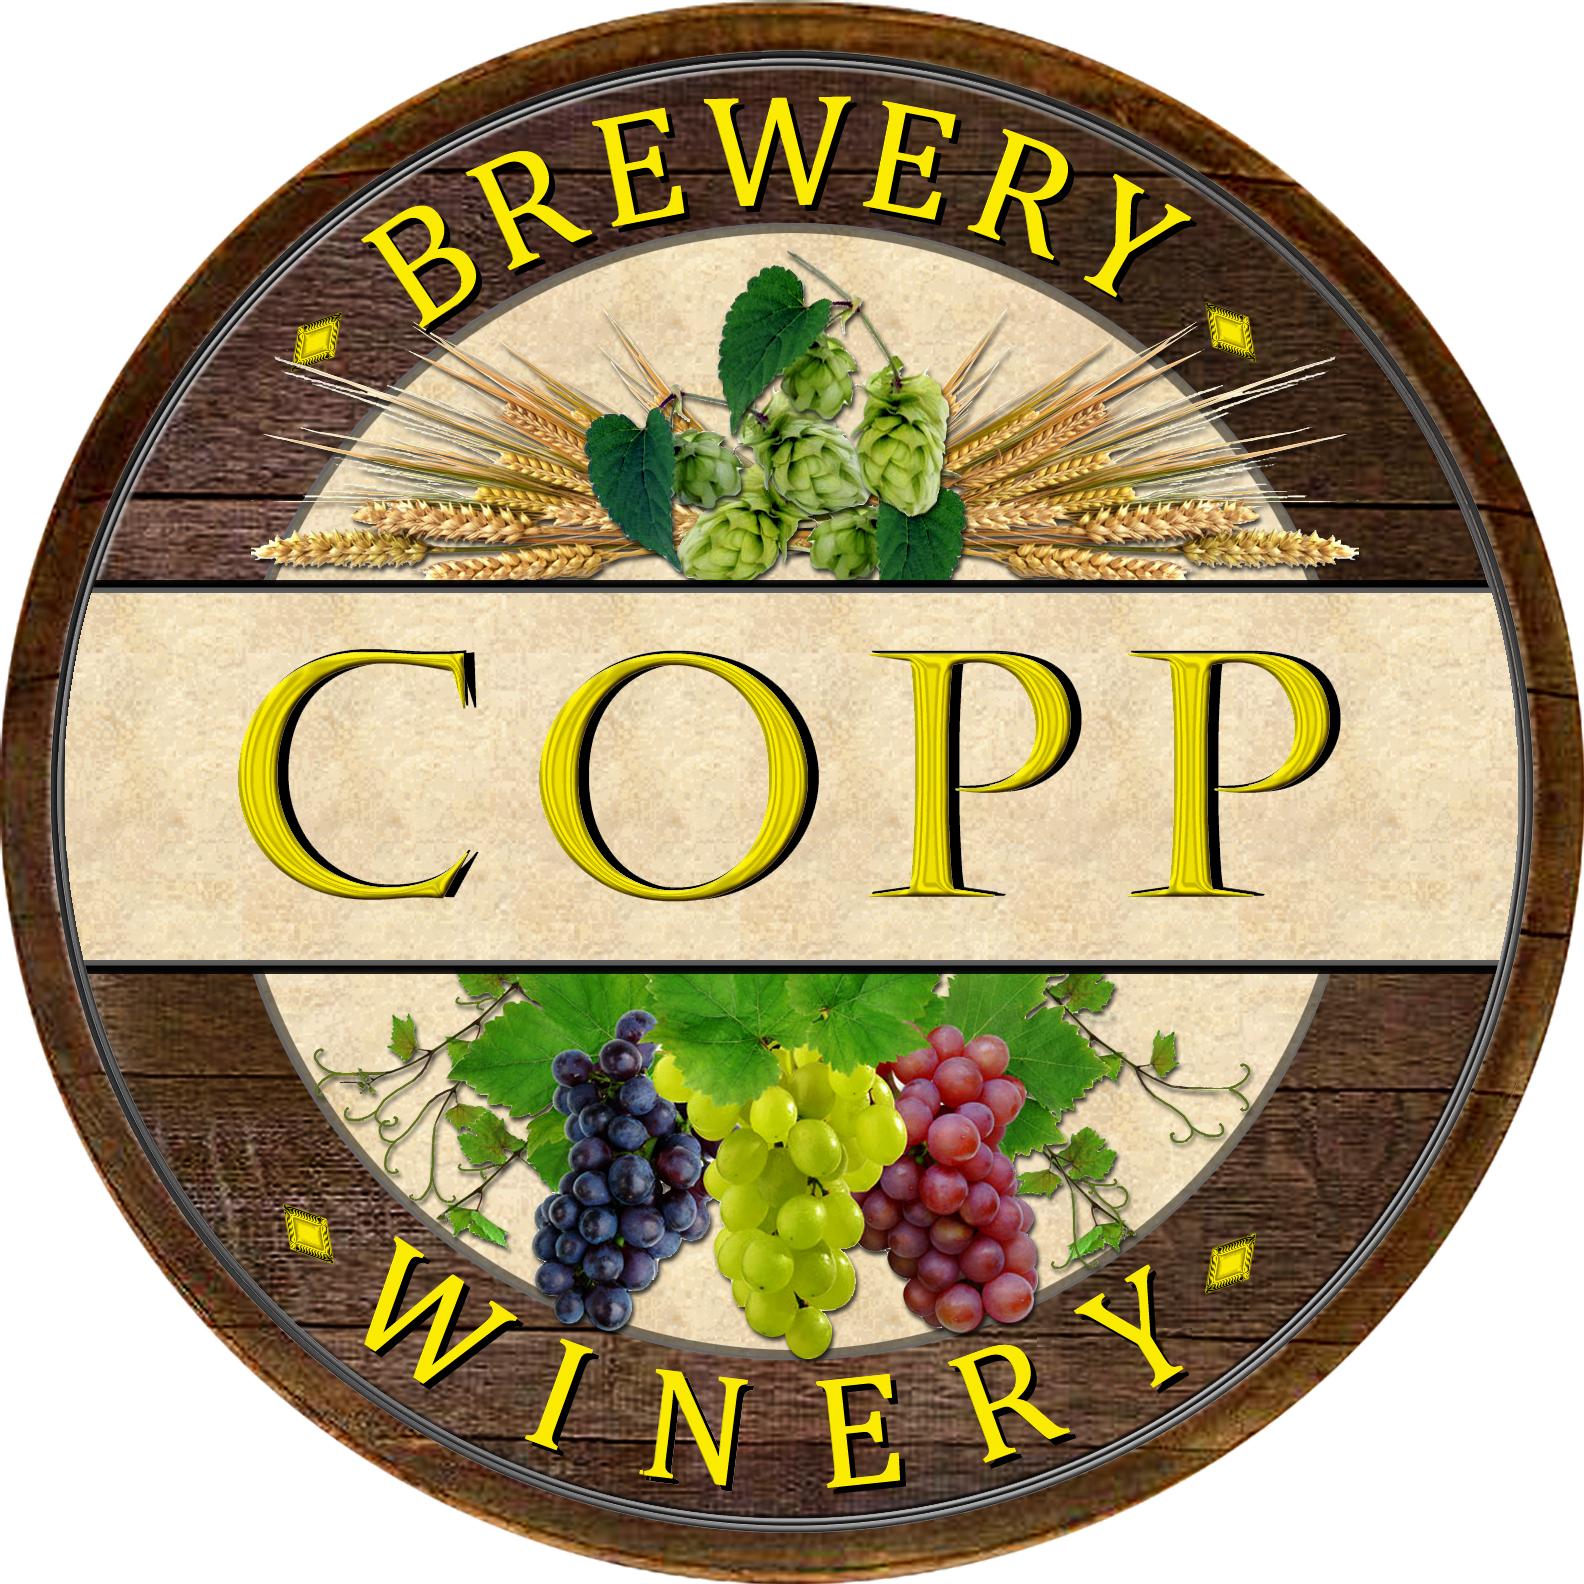 copp-brewery-logo.jpg